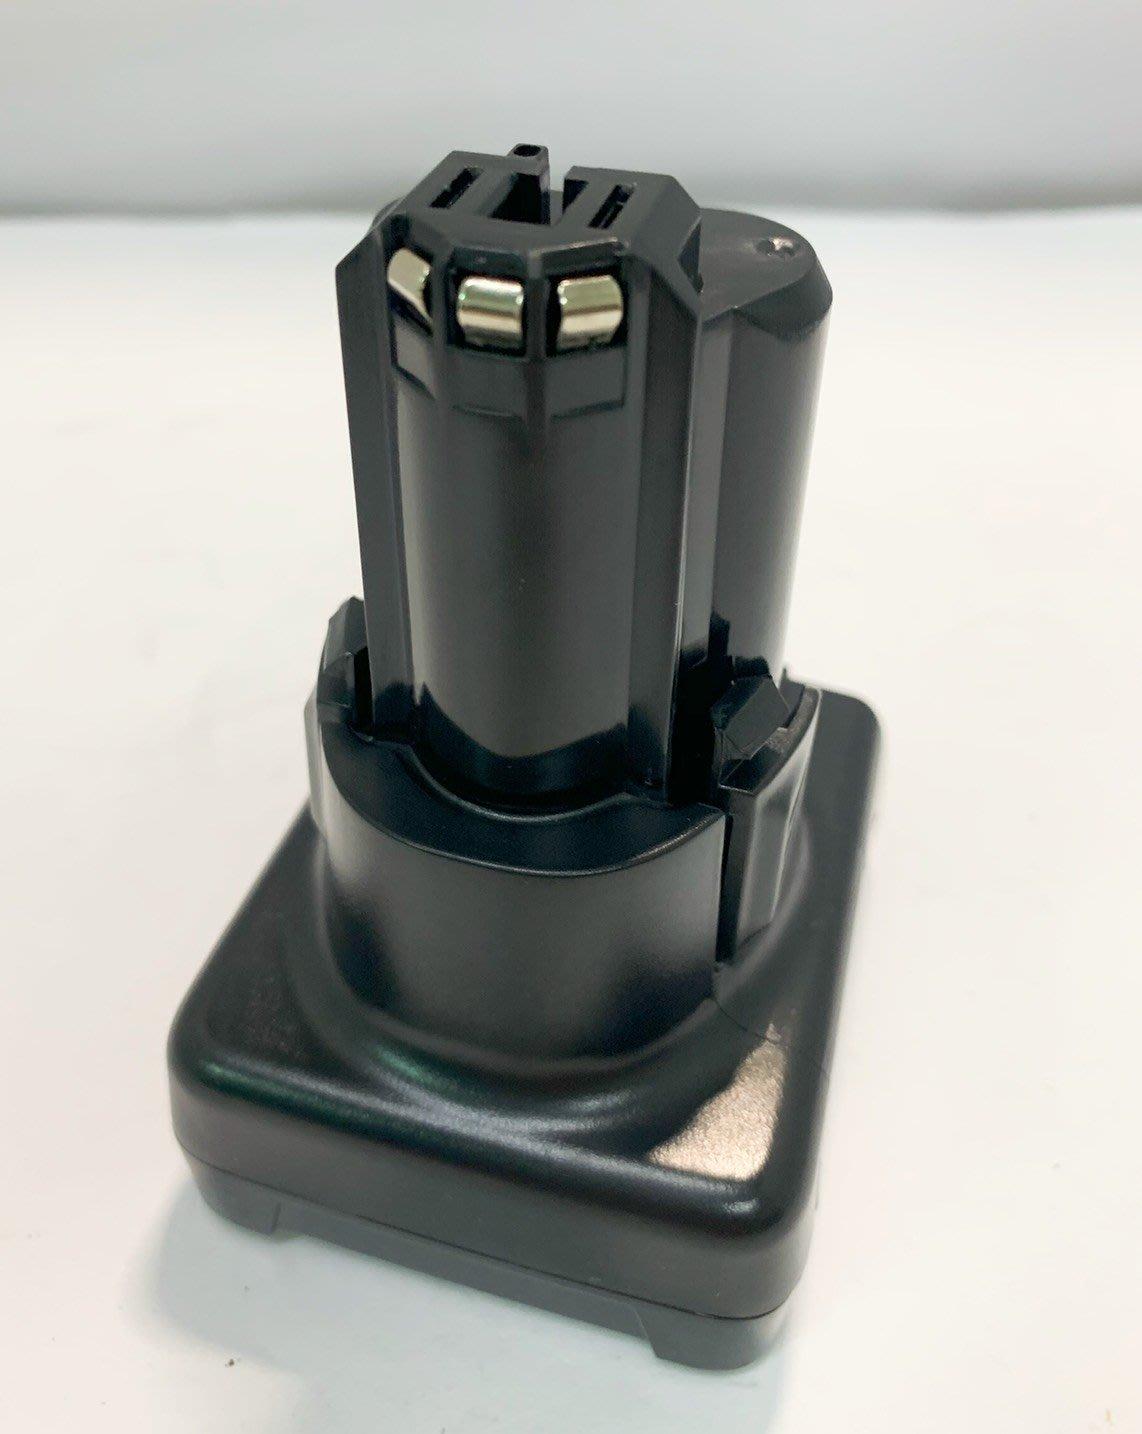 鋰電池 通用 BOSCH 博世 12V(10.8V) 5.0AH 鋰電池電鑽 TSR1080-2-LI / GSR120